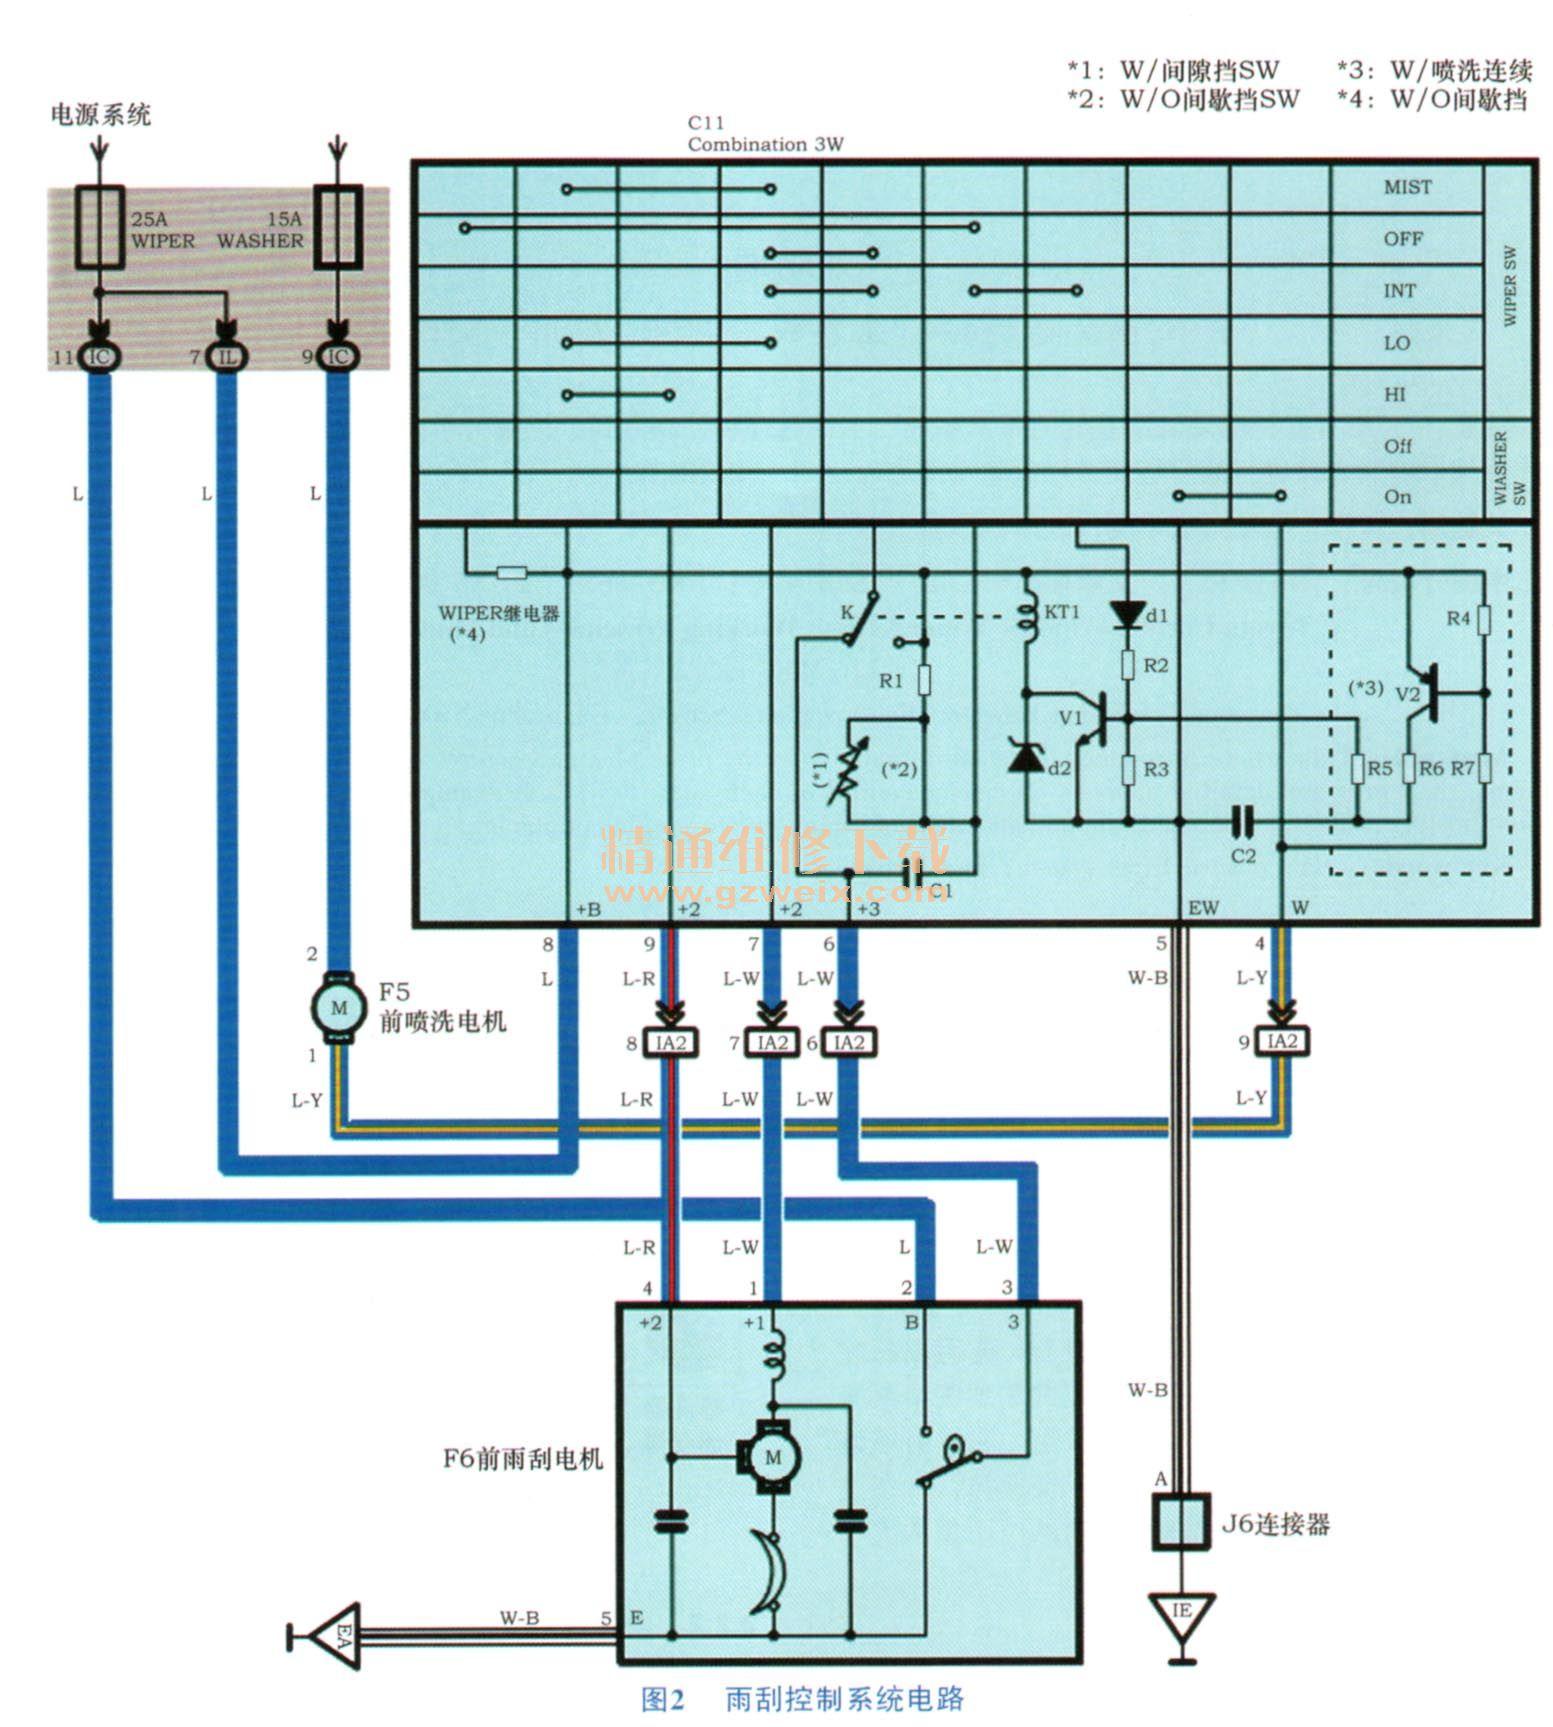 雨刮电机工作线路图_丰田卡罗拉雨刮系统工作原理与故障诊断 - 精通维修下载